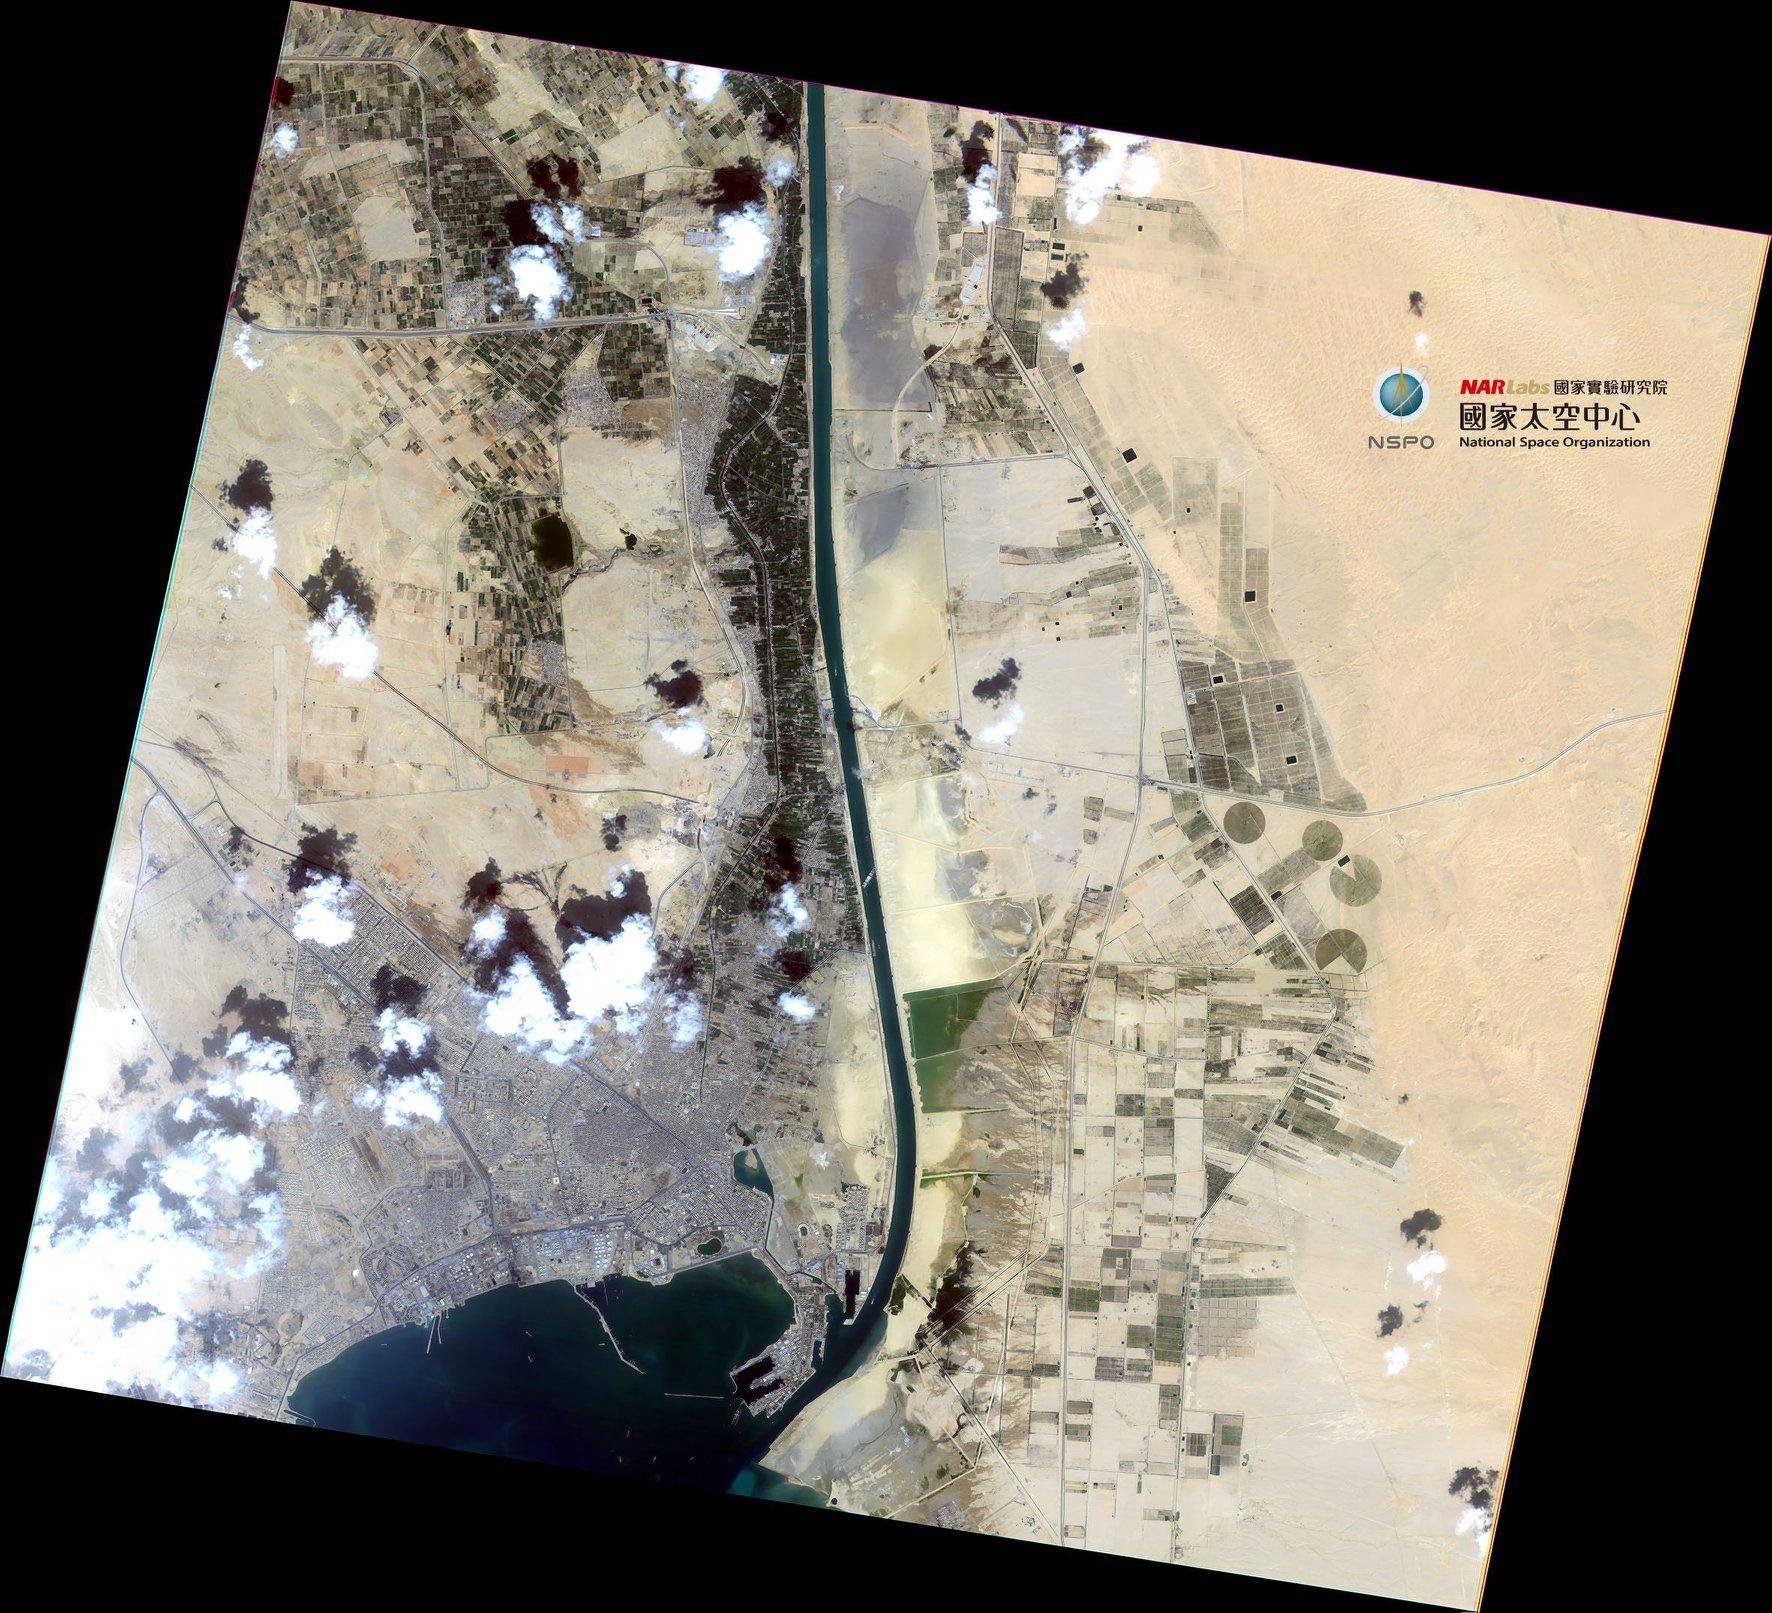  【福五衛星圖:大排長榮】~台灣的福衛五號也來支援衛星圖了~